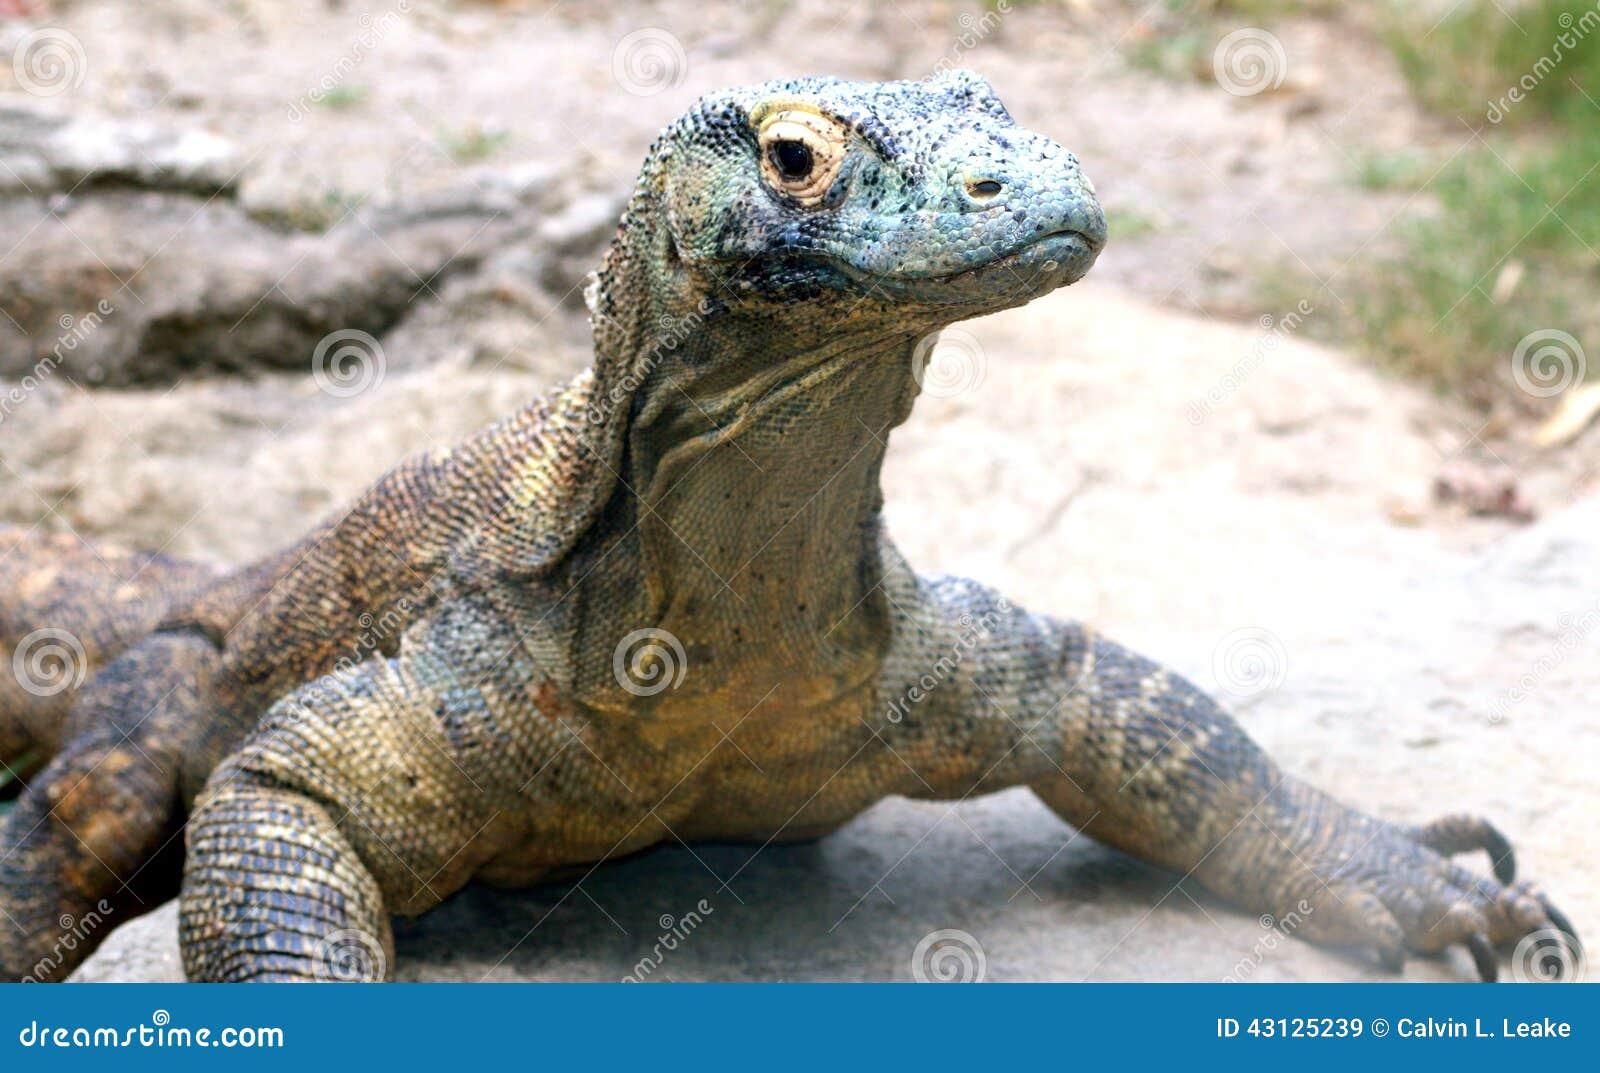 Komodo Dragon Stare Down